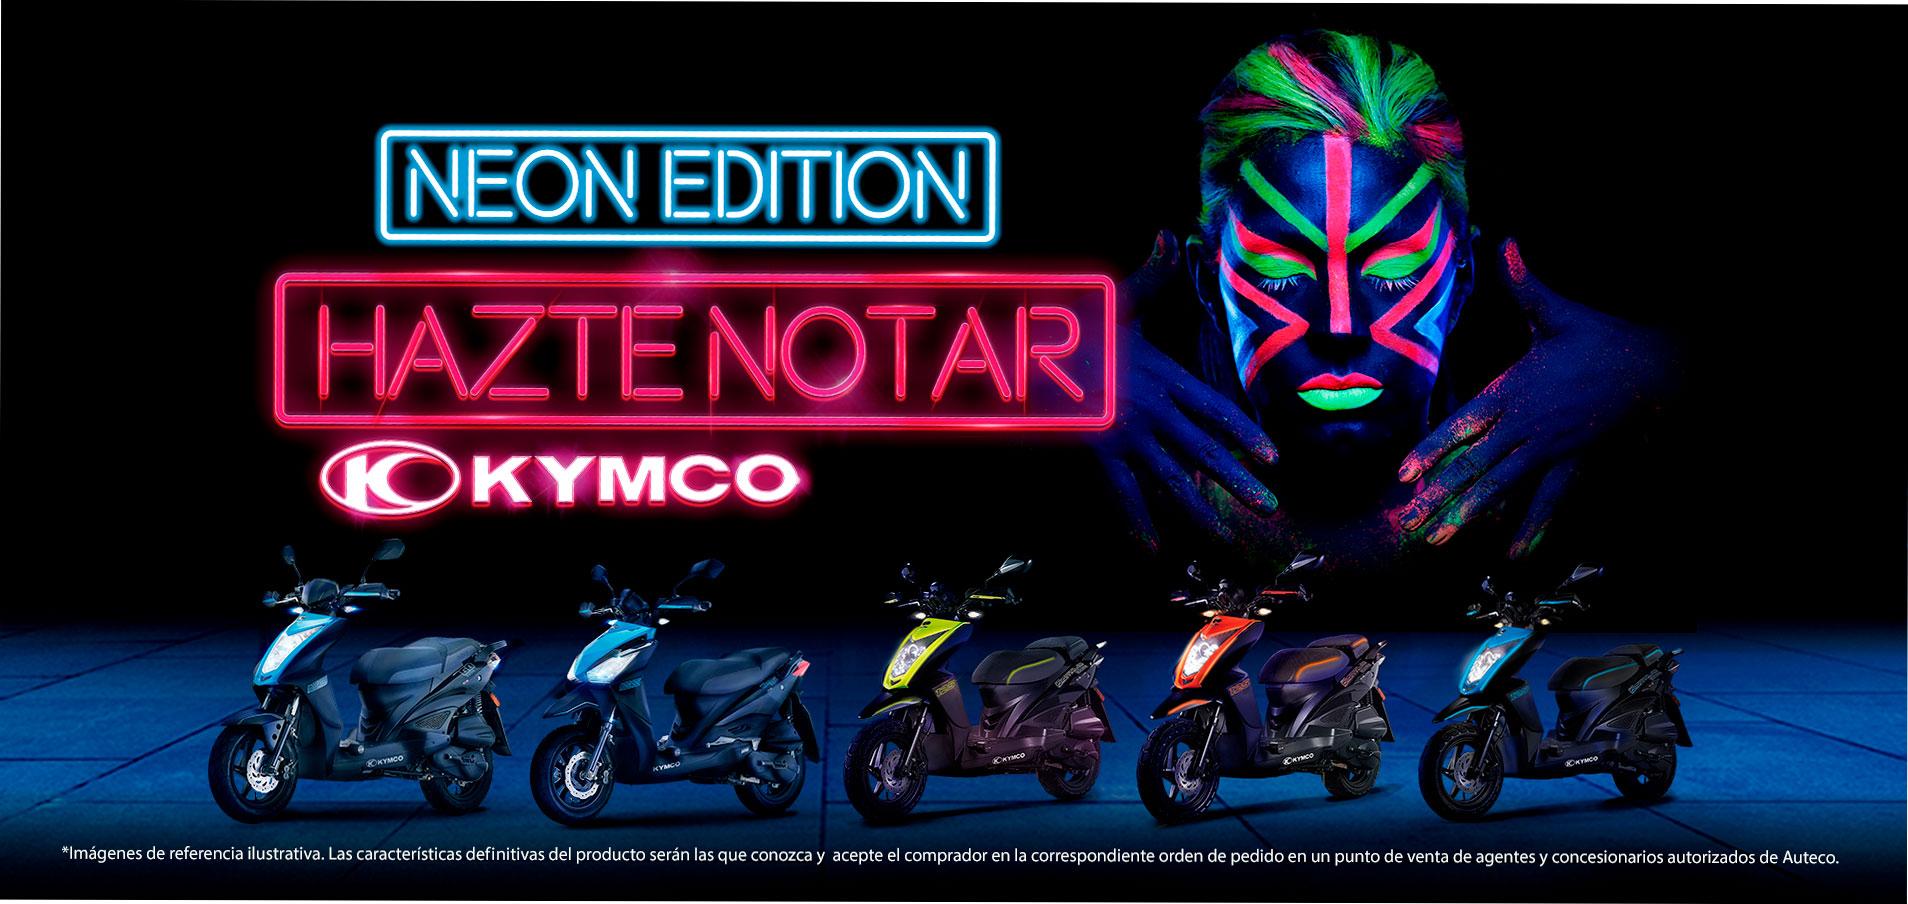 Agility Neon Edition